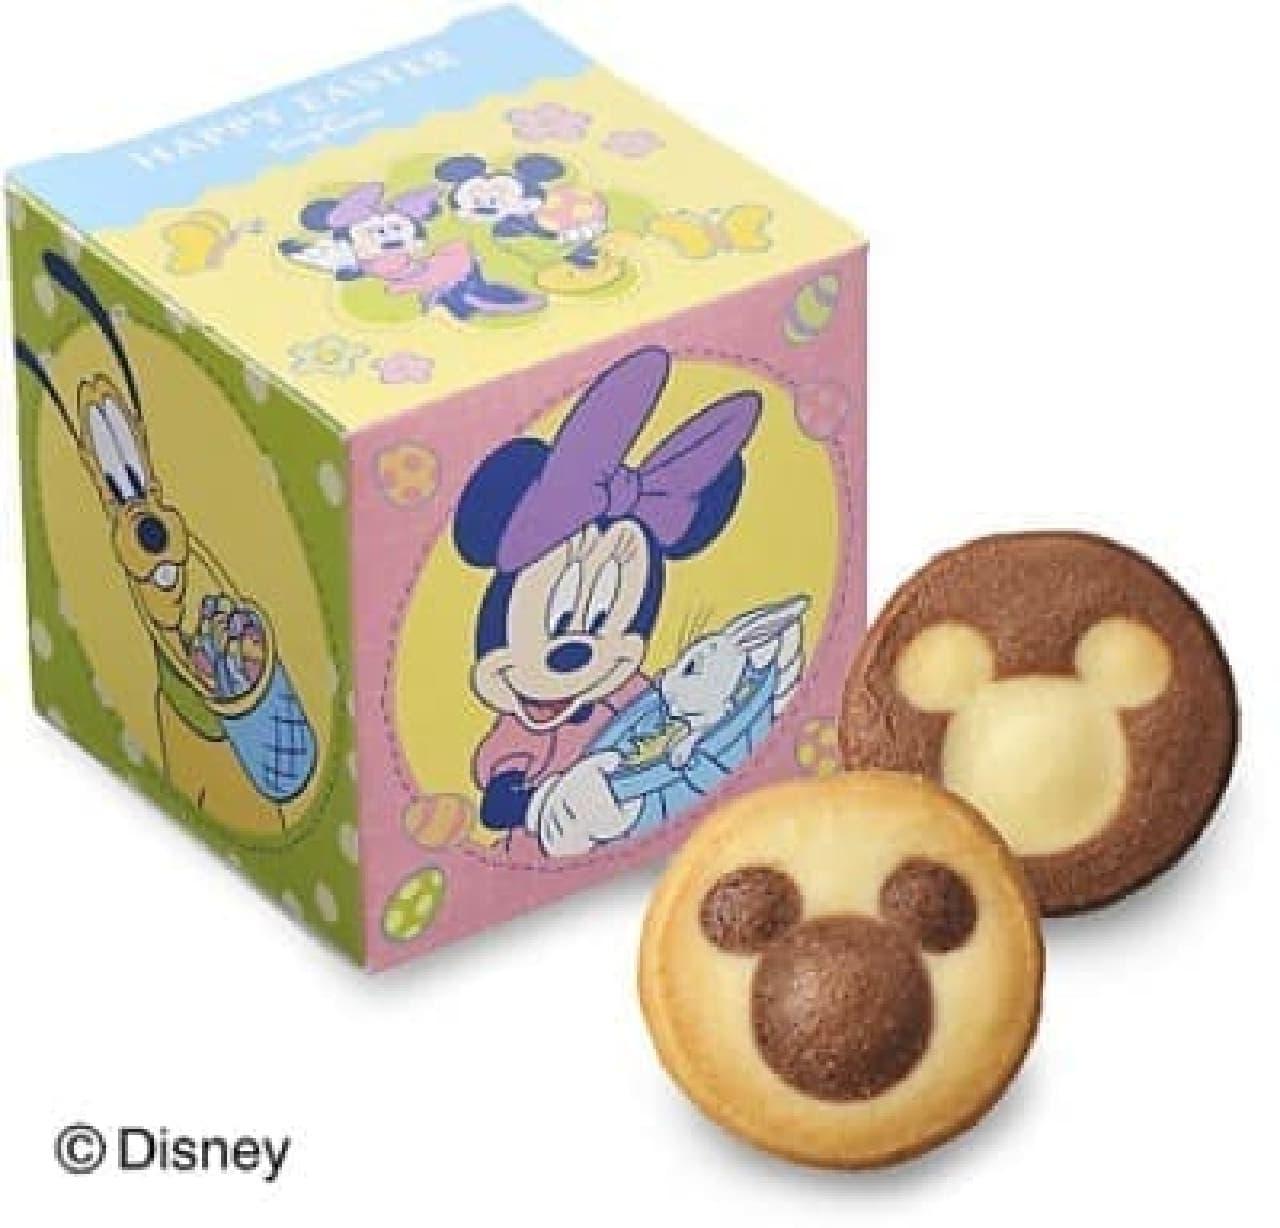 賑やかなボックスに詰め合わせた「イースタークッキー」